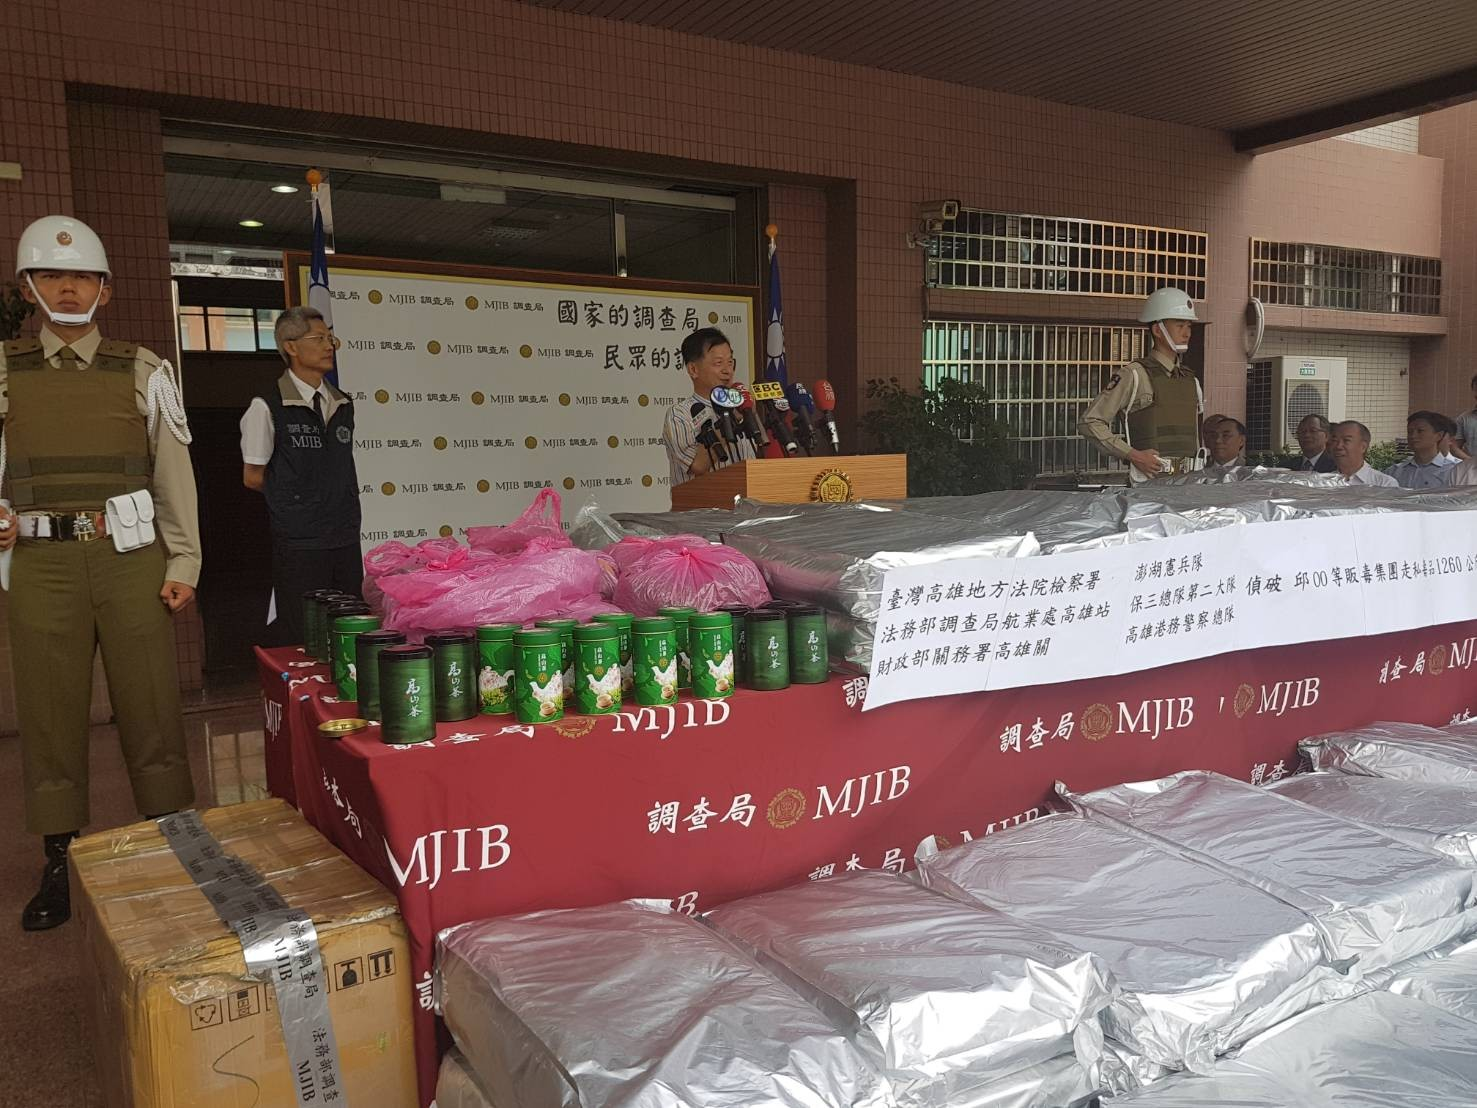 高雄港攔截進口雜貨櫃藏毒原料1260公斤